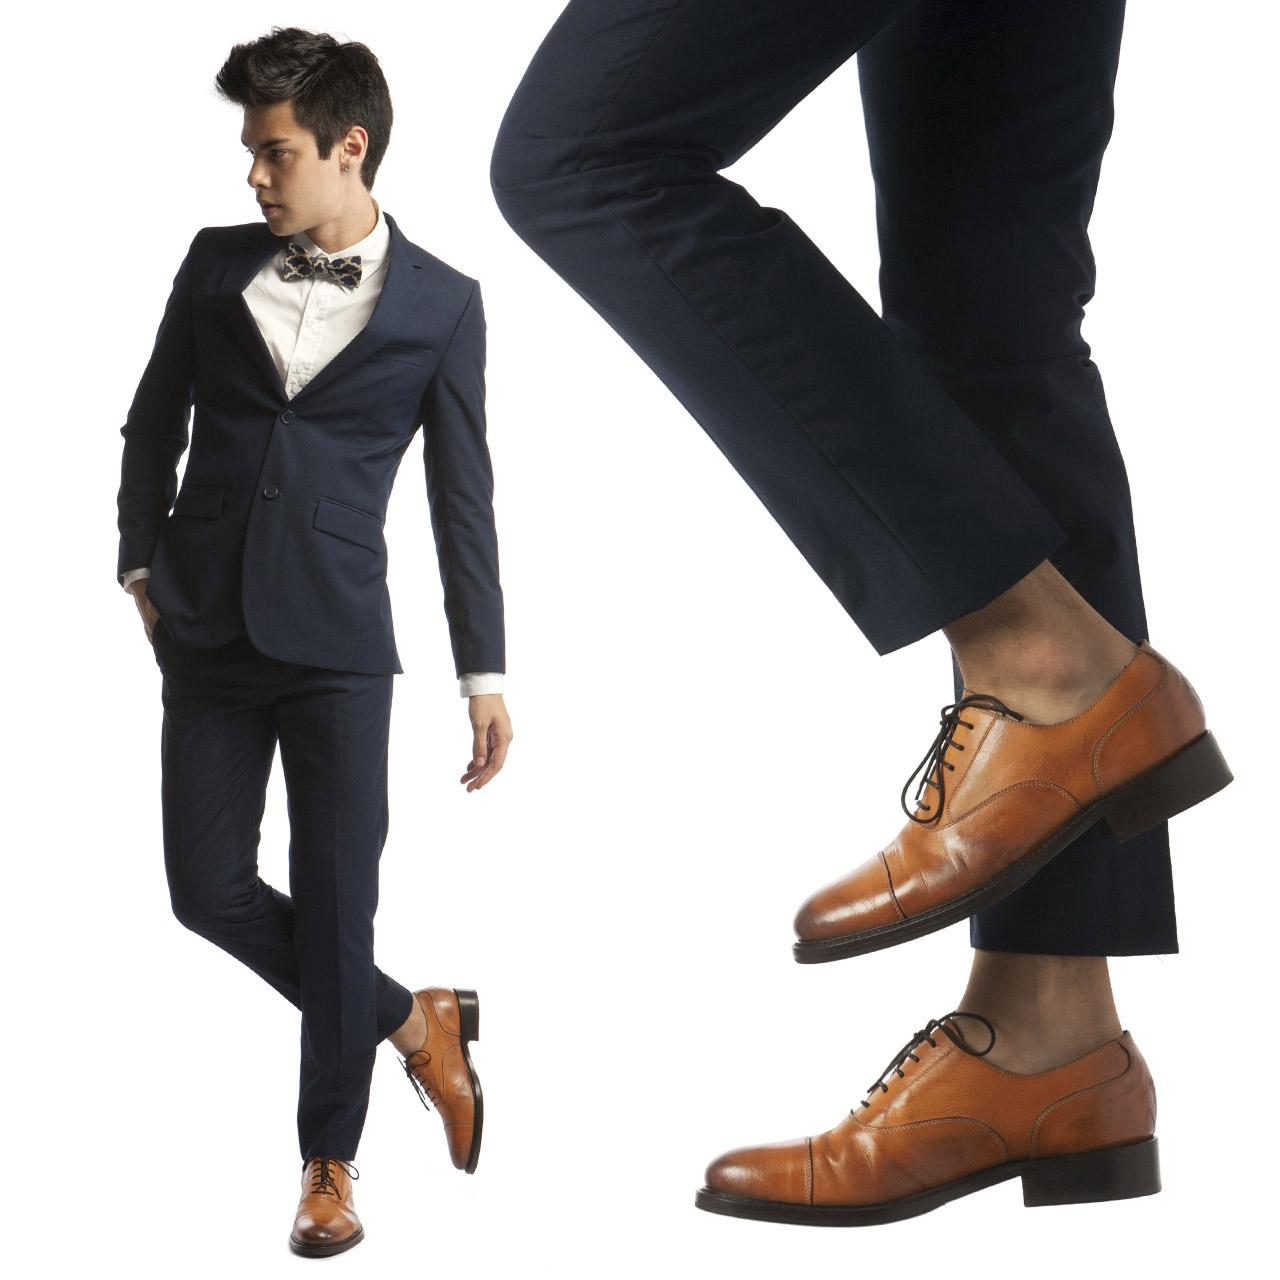 b7def495d86 Beverly Hills - Elevator shoes for men